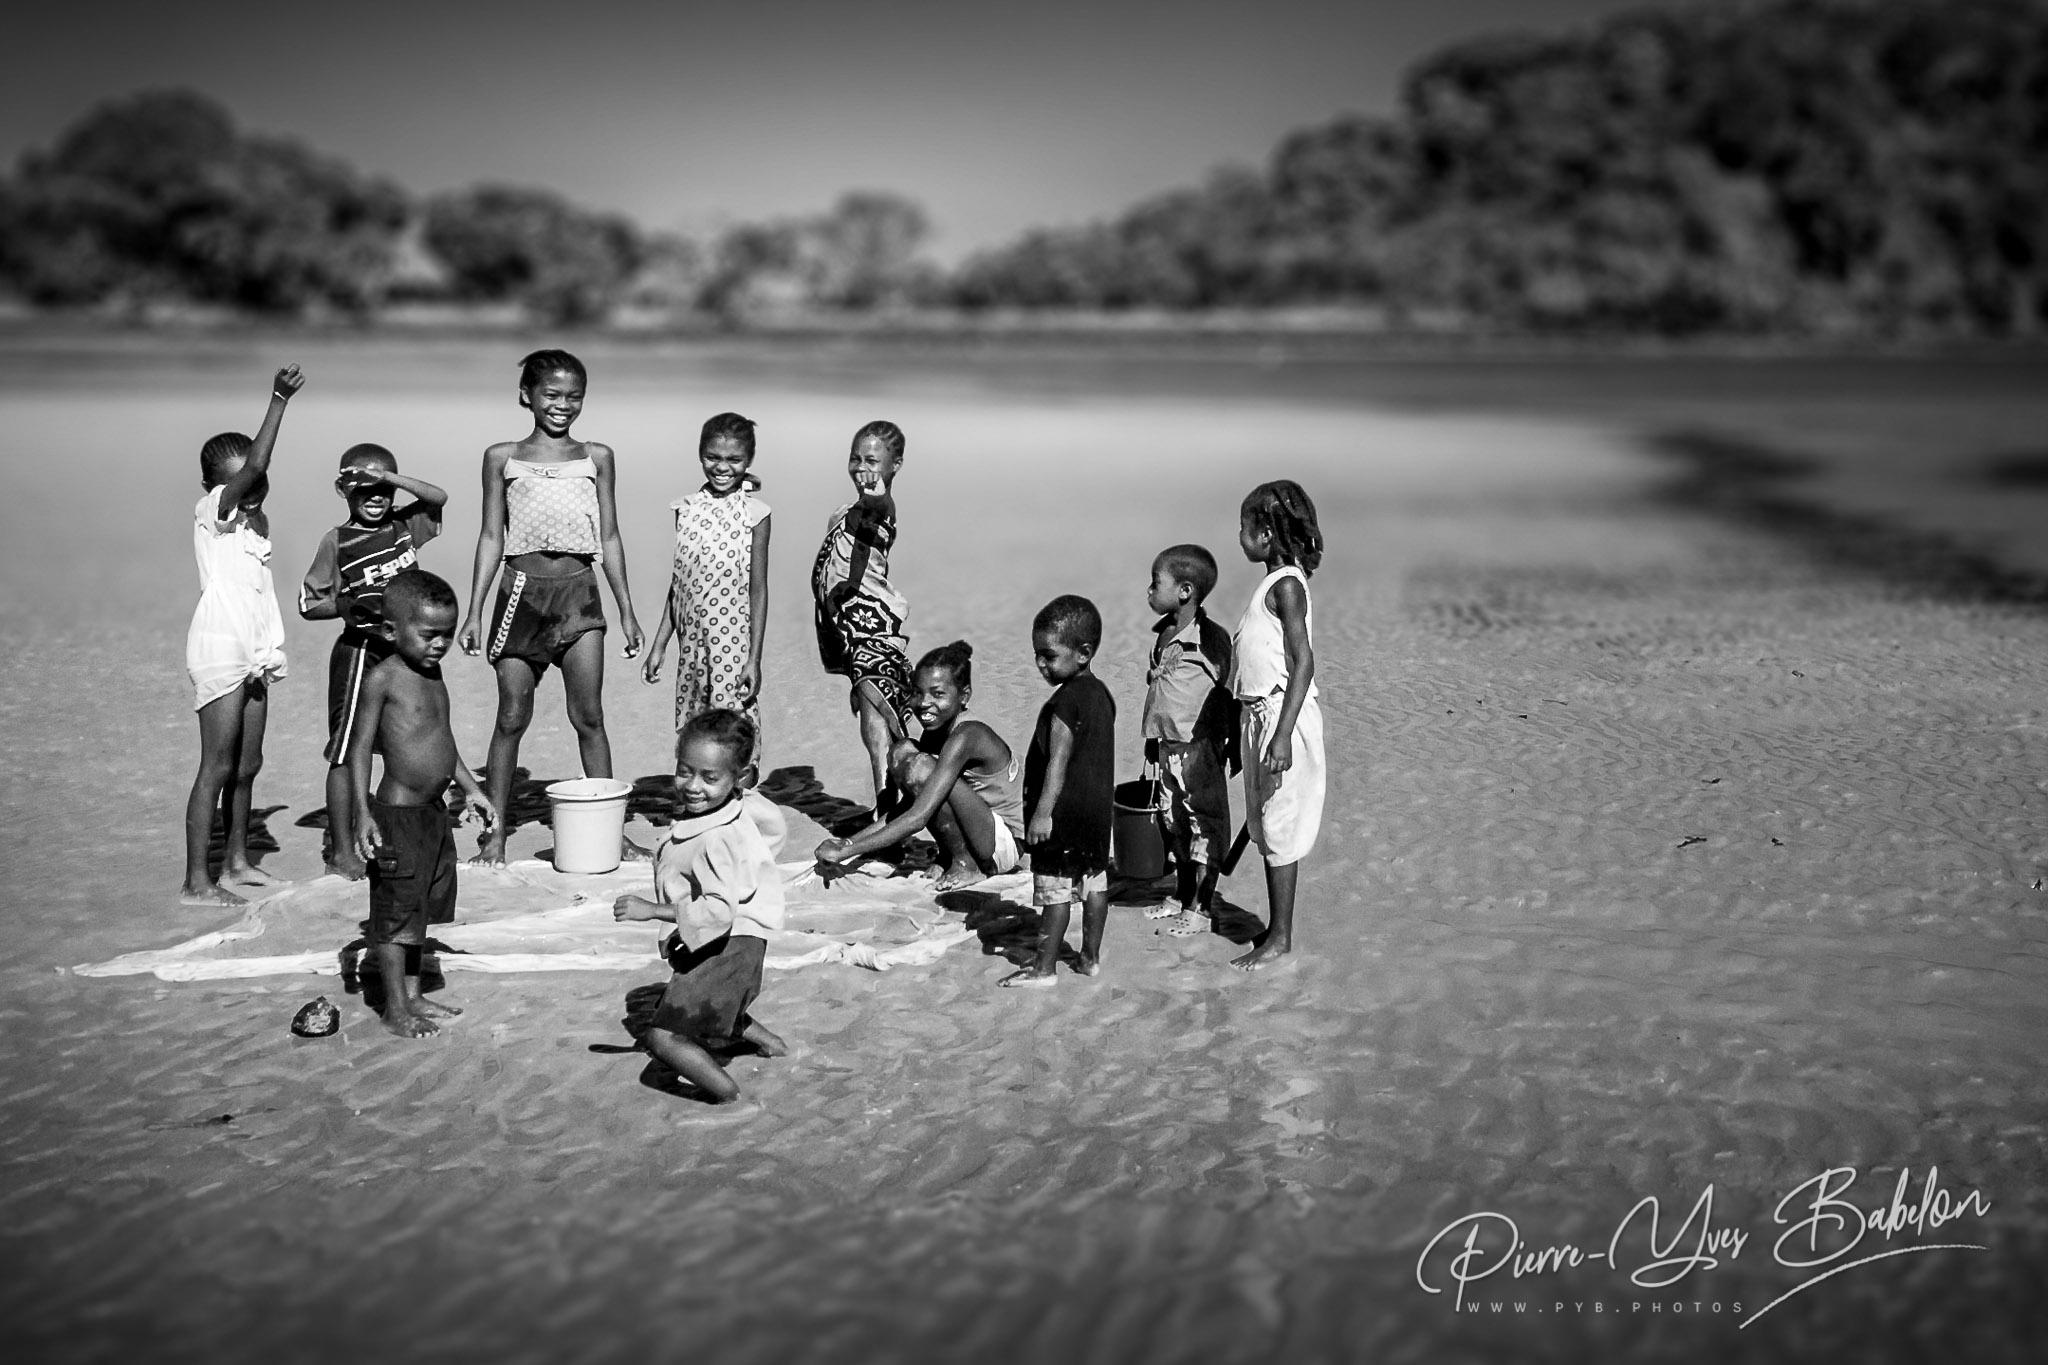 Enfants malgaches sur la plage de l'île de Nosy Be, au nord de Madagascar